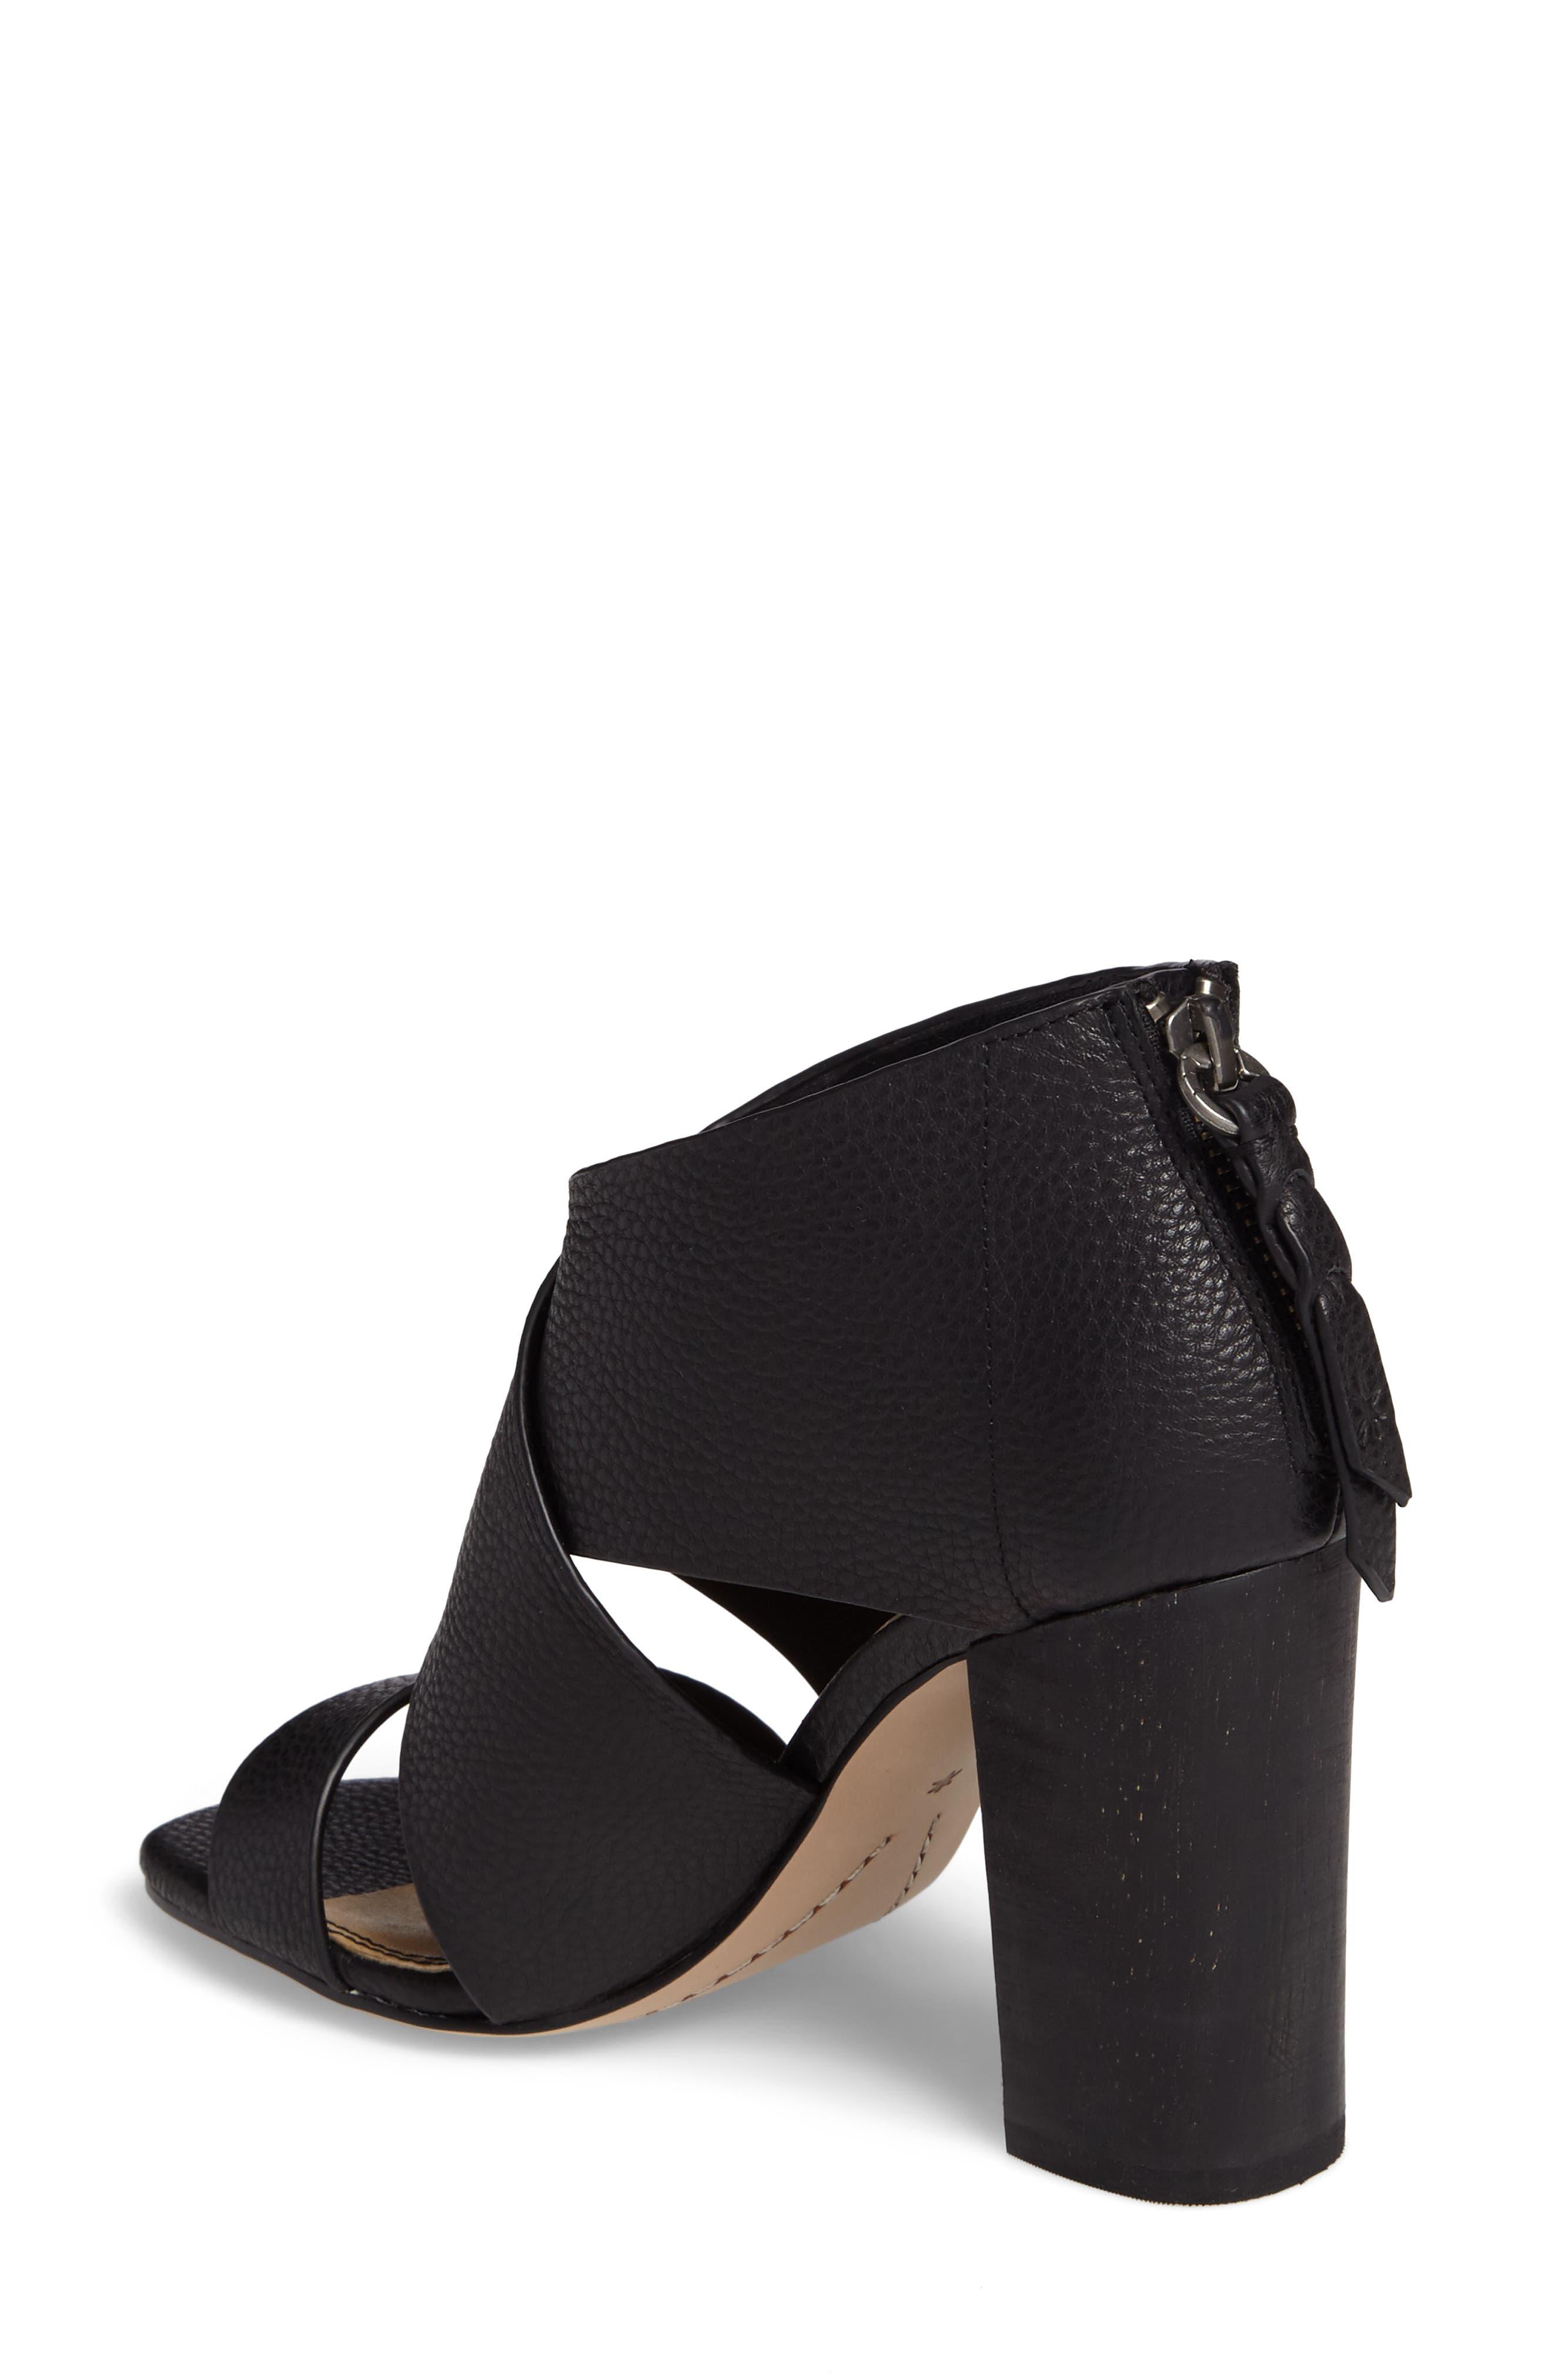 Danett Cross Strap Sandal,                             Alternate thumbnail 2, color,                             Black Leather